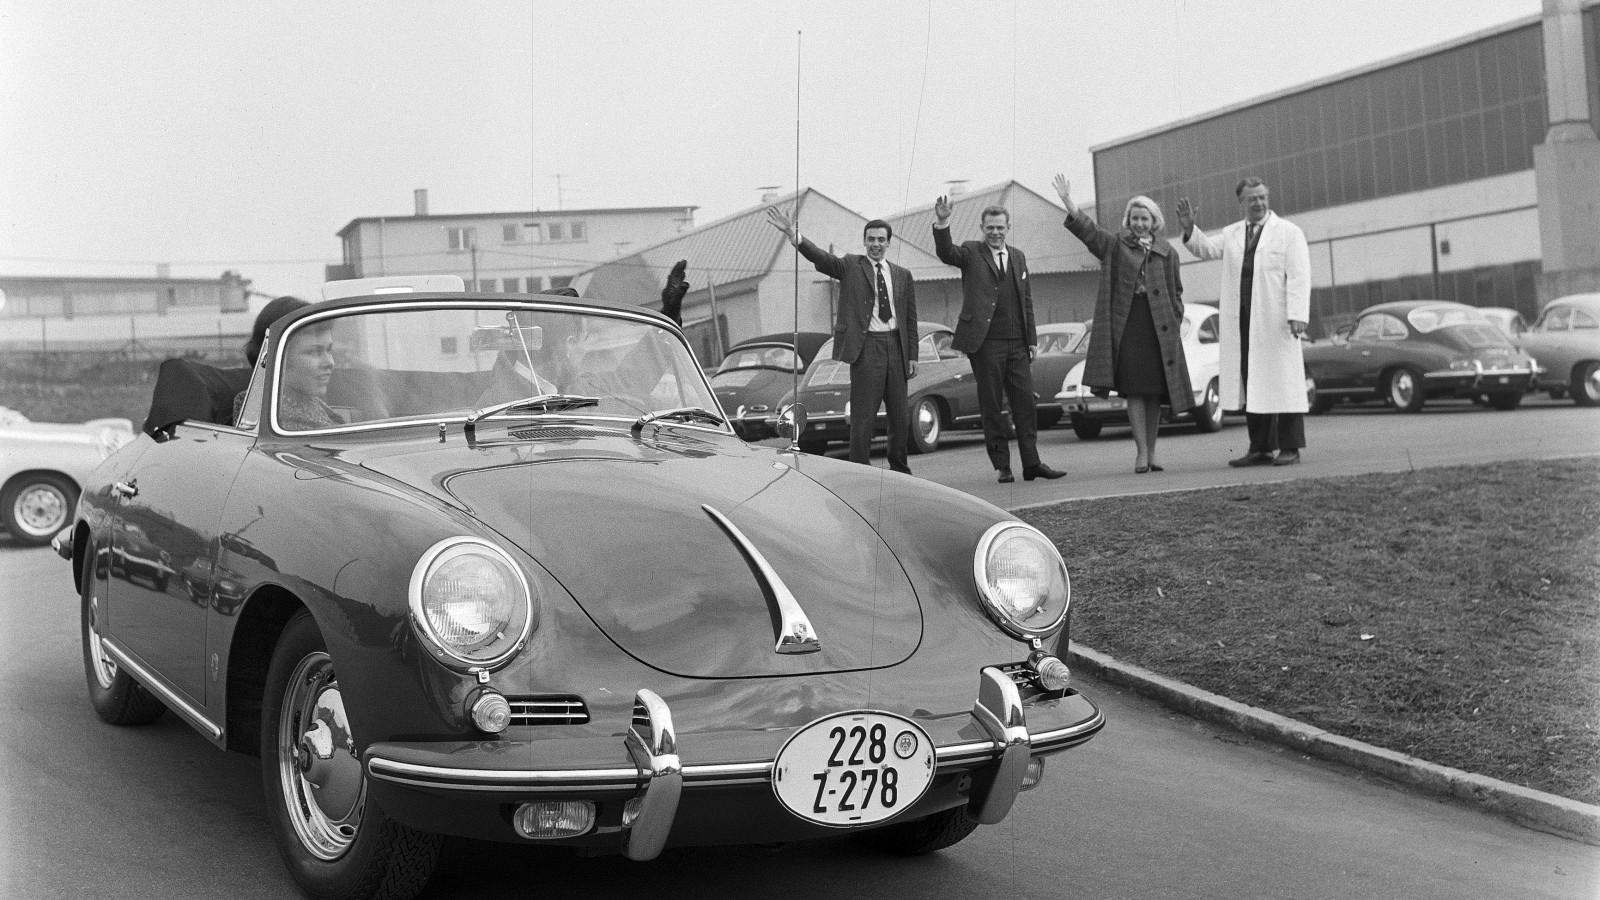 """En 356 B (T6) från 1962 utrustade med de karaktäristiska ovala exportplåtarna """"Zollkennzeichen"""" för vidare färd utomlands."""